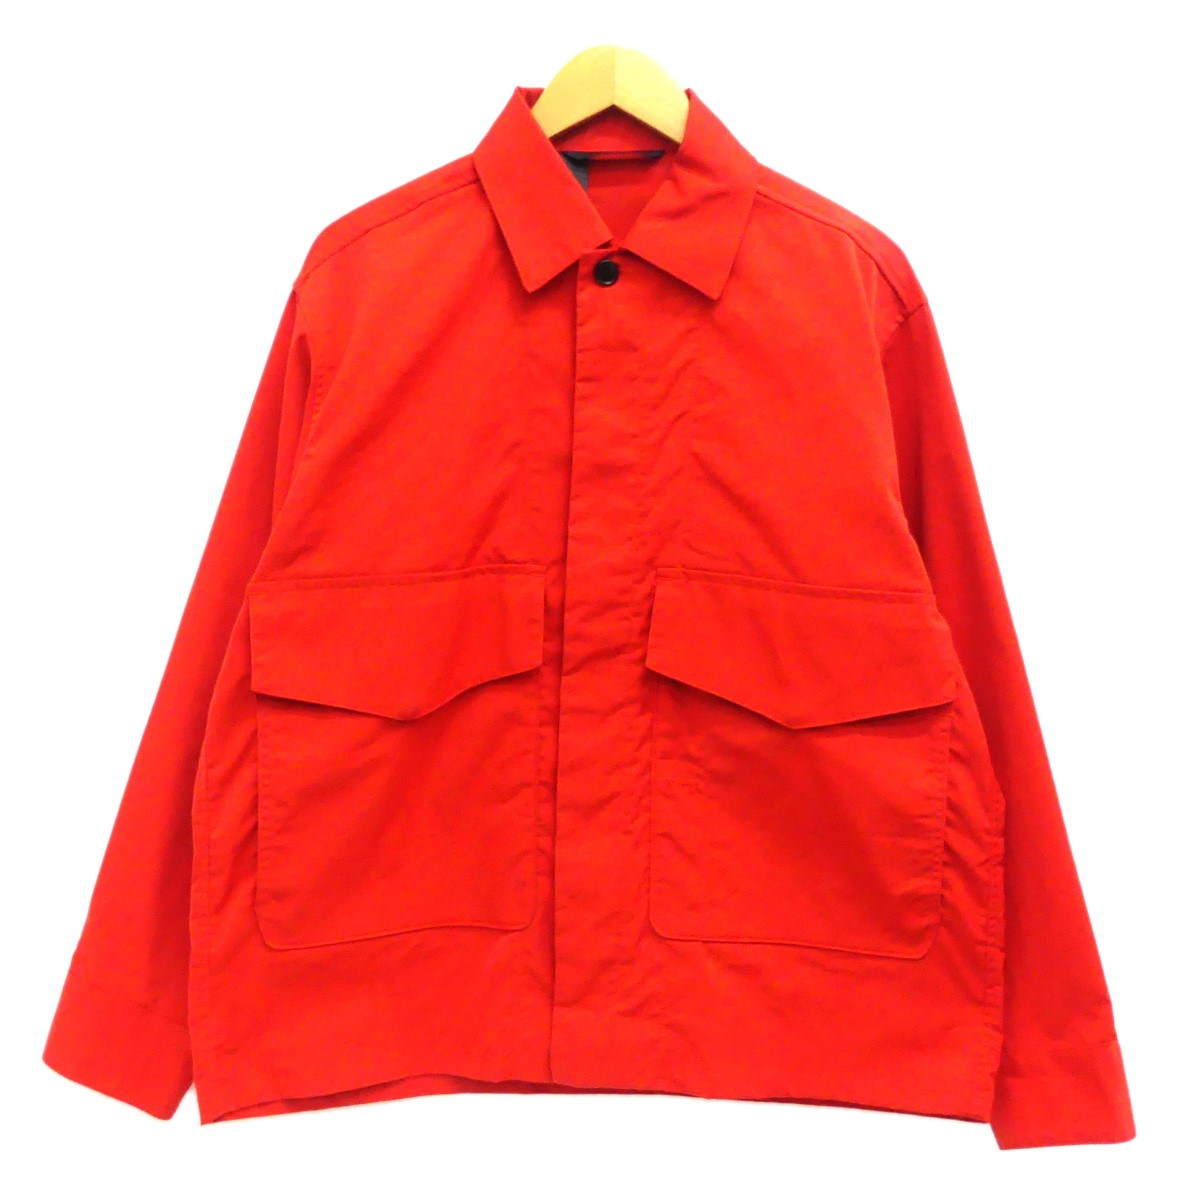 【中古】N.HOOLYWOOD2019SS 「LONG SLEEVE SHIRT JACKET」 シャツジャケット レッド サイズ:36 【5月14日見直し】